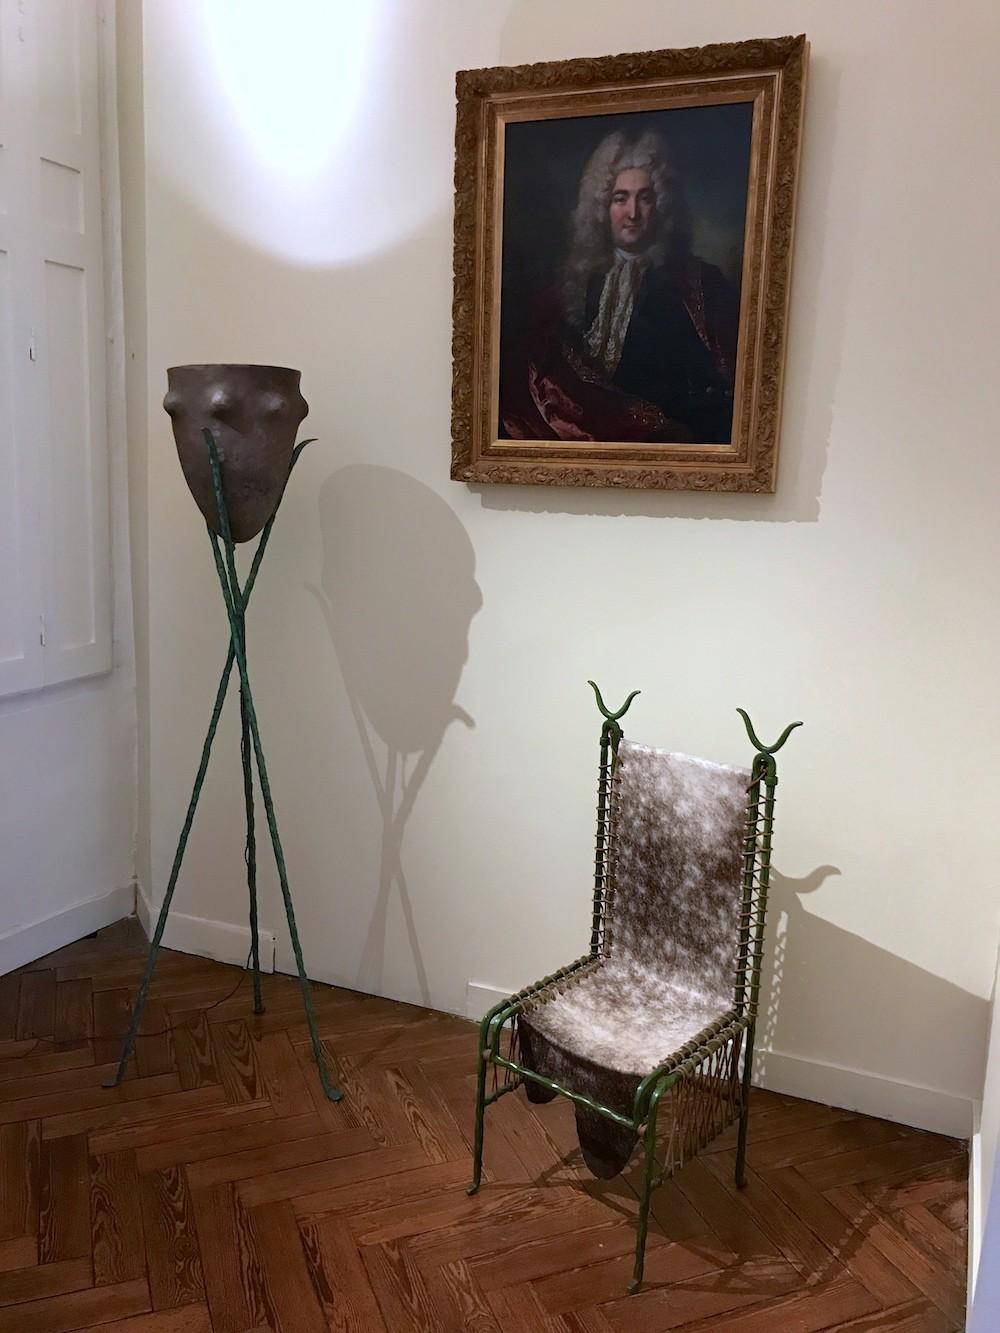 MUSEE DES ARTS DECORATIFS ET DU DESIGN